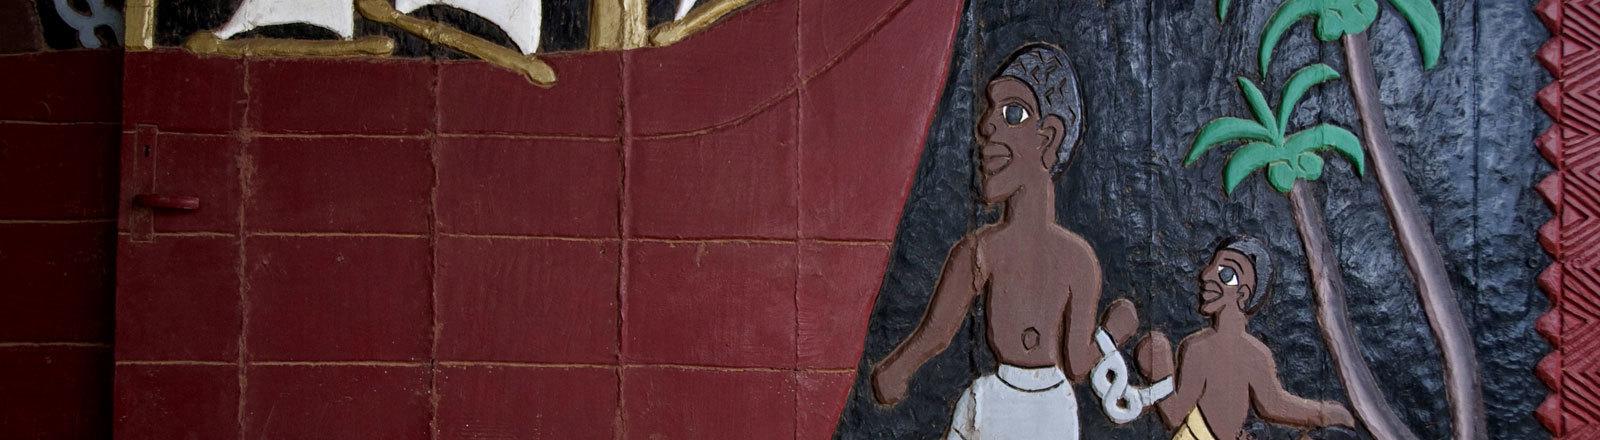 Eine alte Holzschnitzerei, die Sklaven zeigt